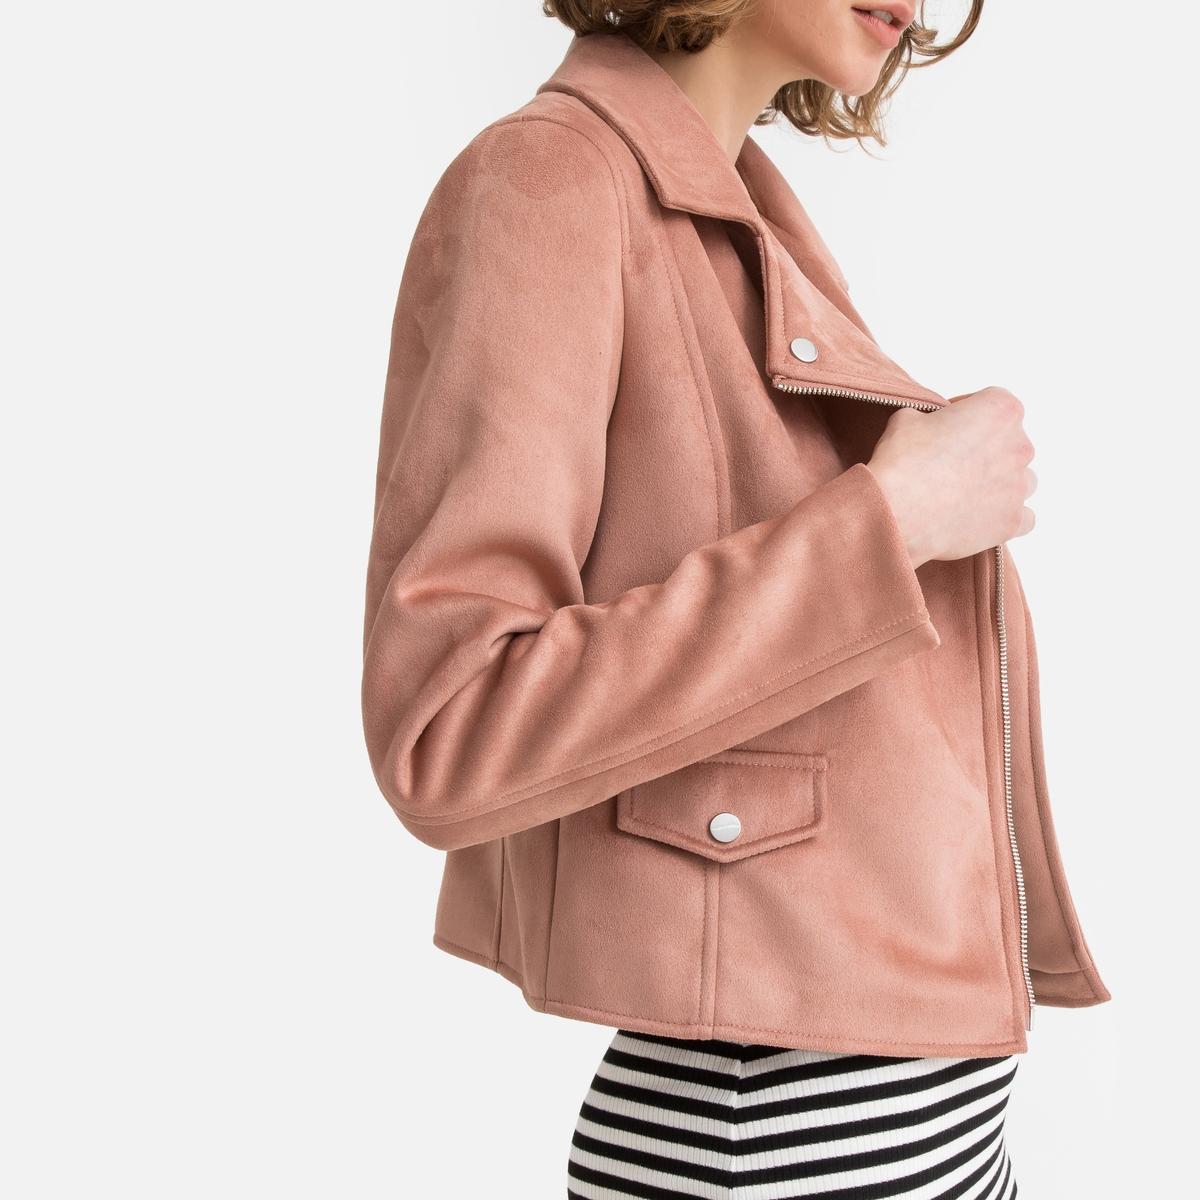 Блузон La Redoute Из искусственной кожи в байкерском стиле 34 (FR) - 40 (RUS) розовый блузон la redoute с надписью из искусственной кожи 34 fr 40 rus черный